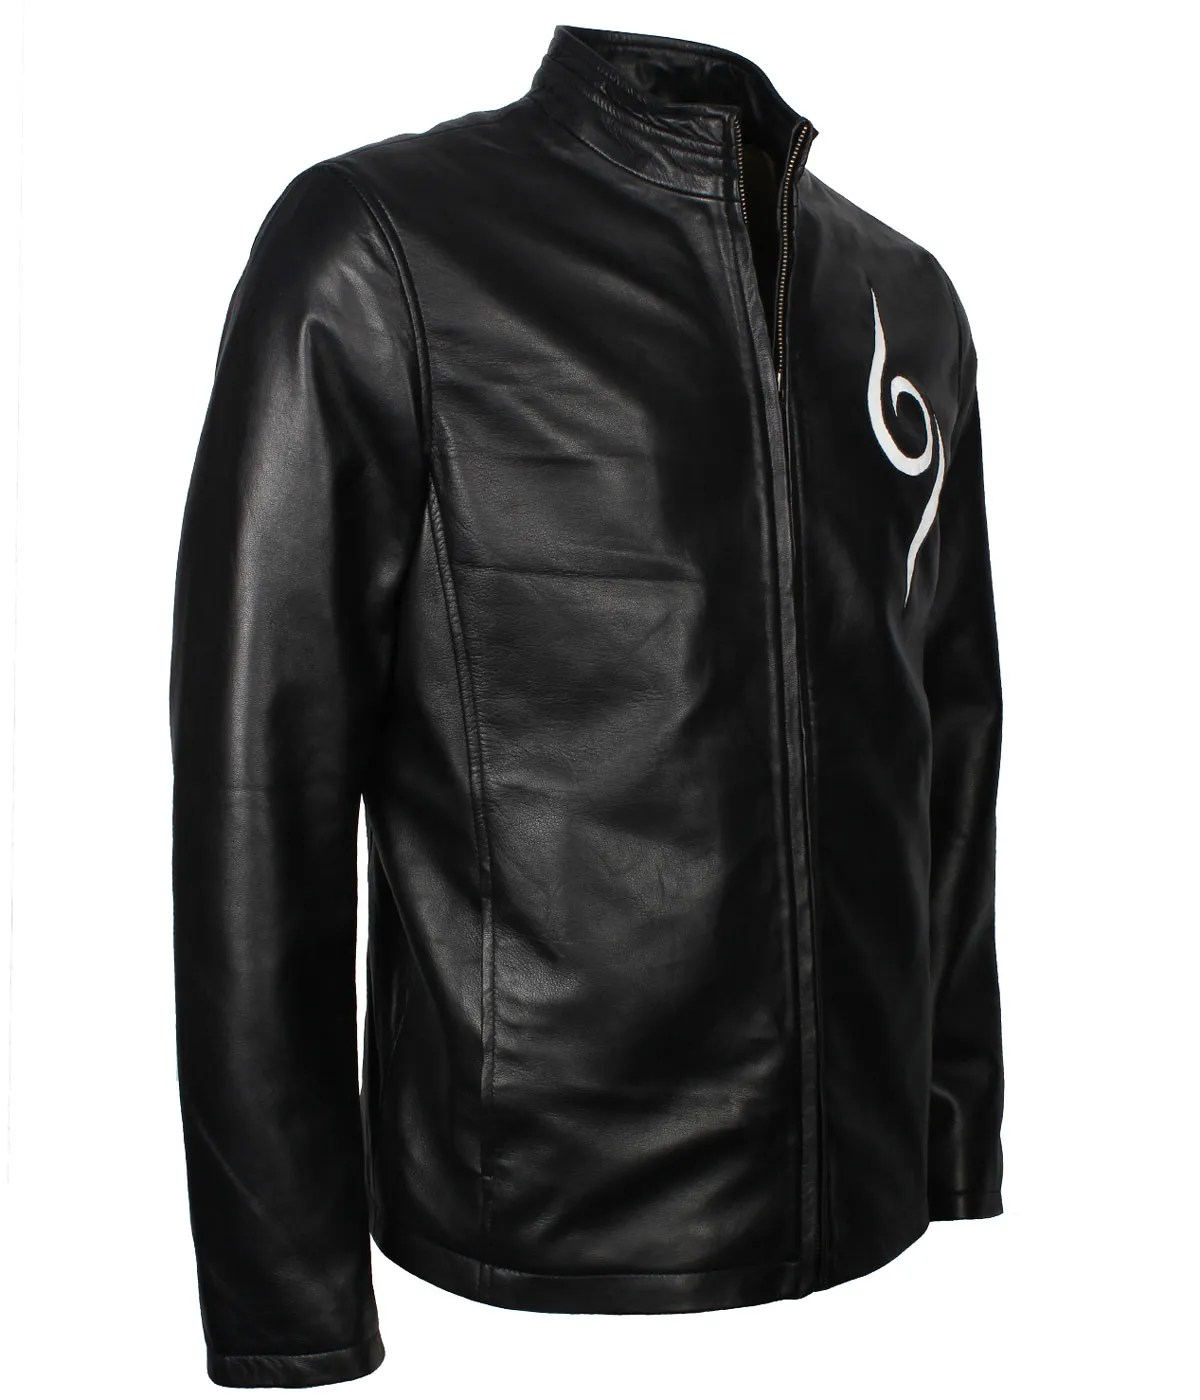 kakashi-hatake-naruto-anbu-leather-jacket